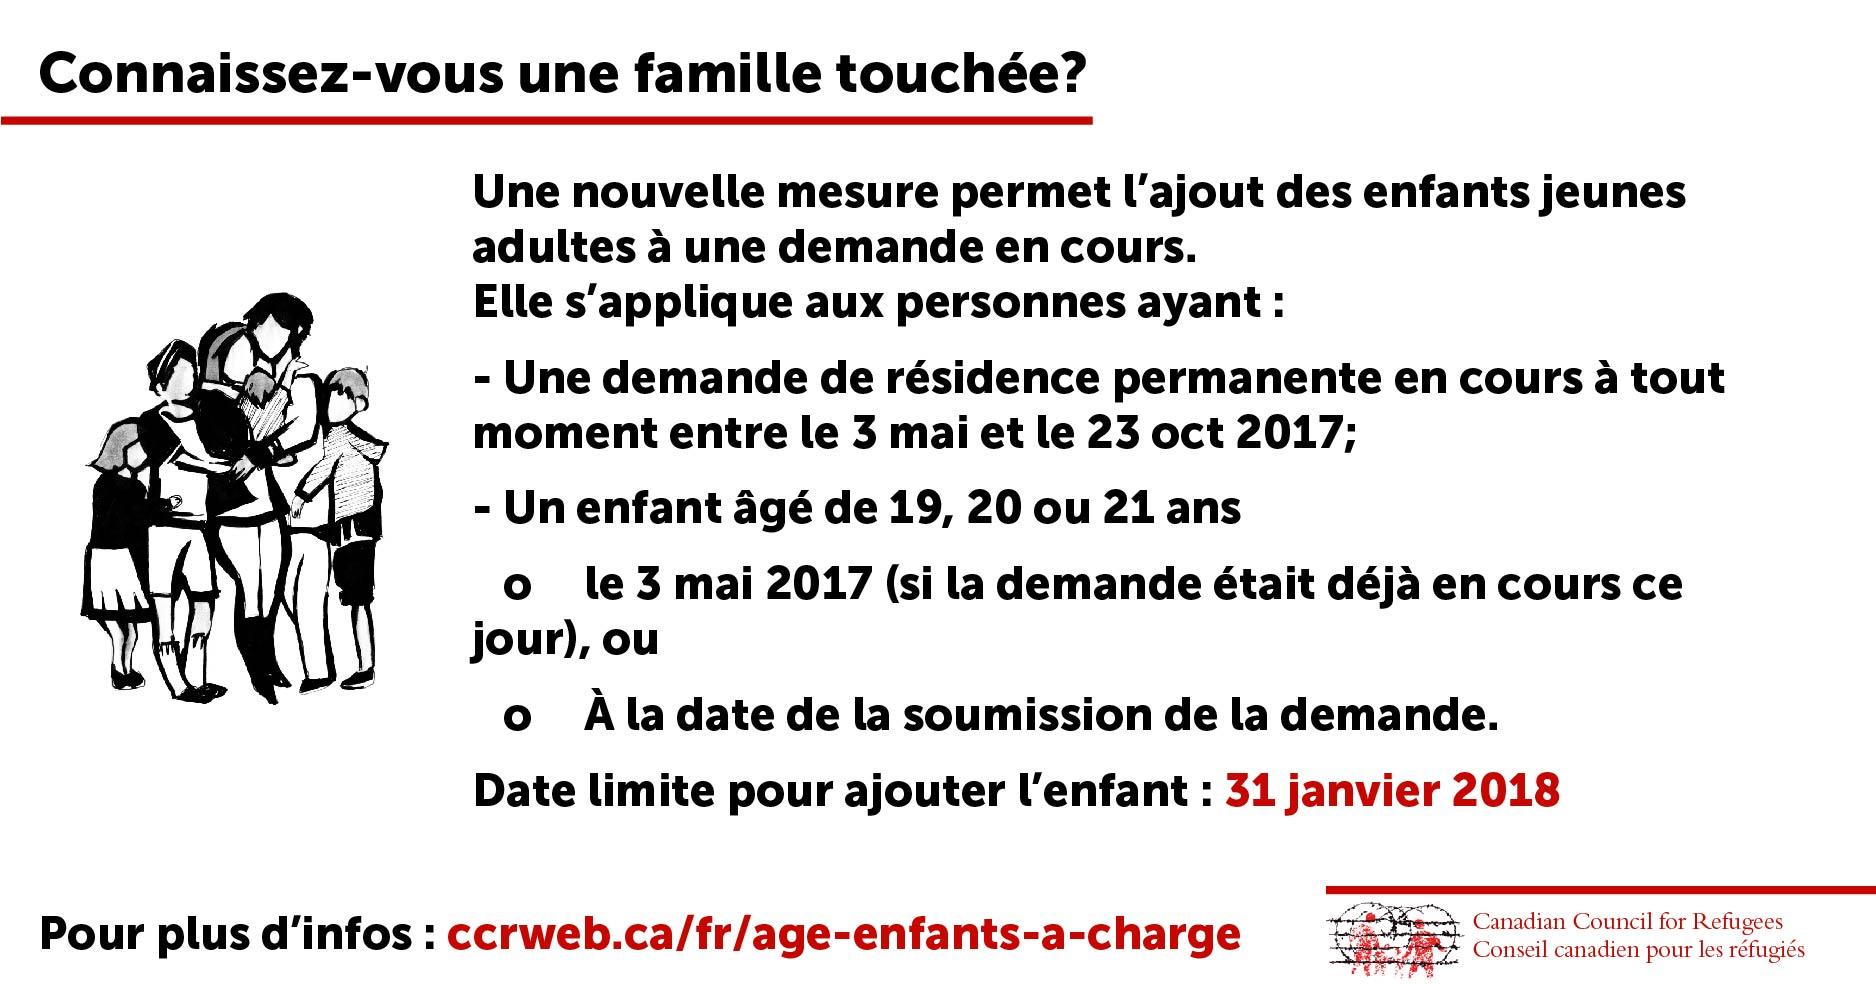 Connaissez-vous une famille touchée?